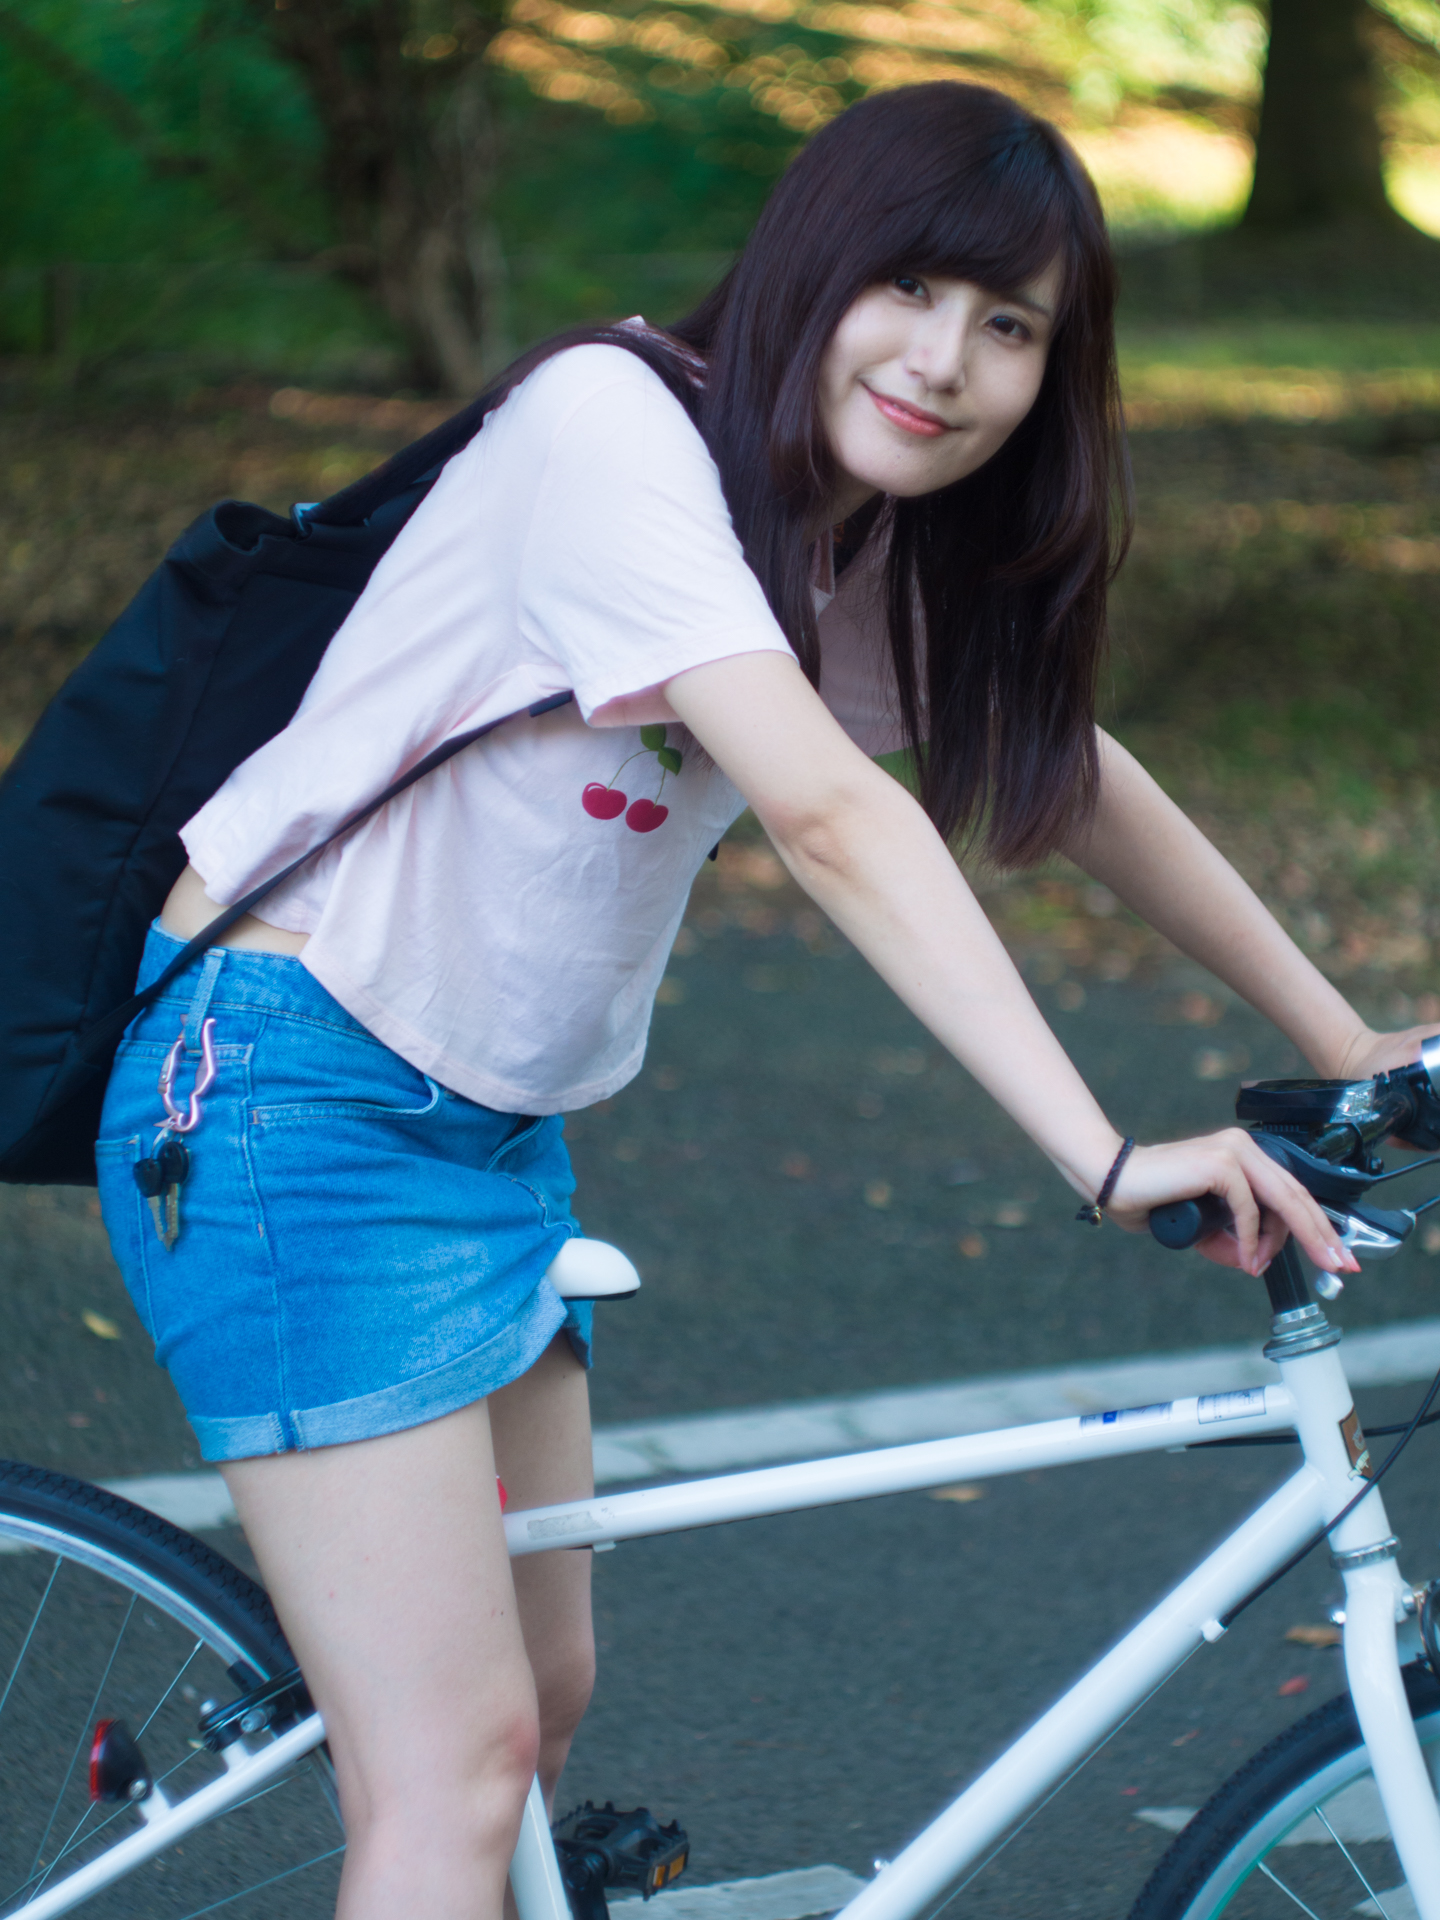 昭和記念公園 自転車 こめくら